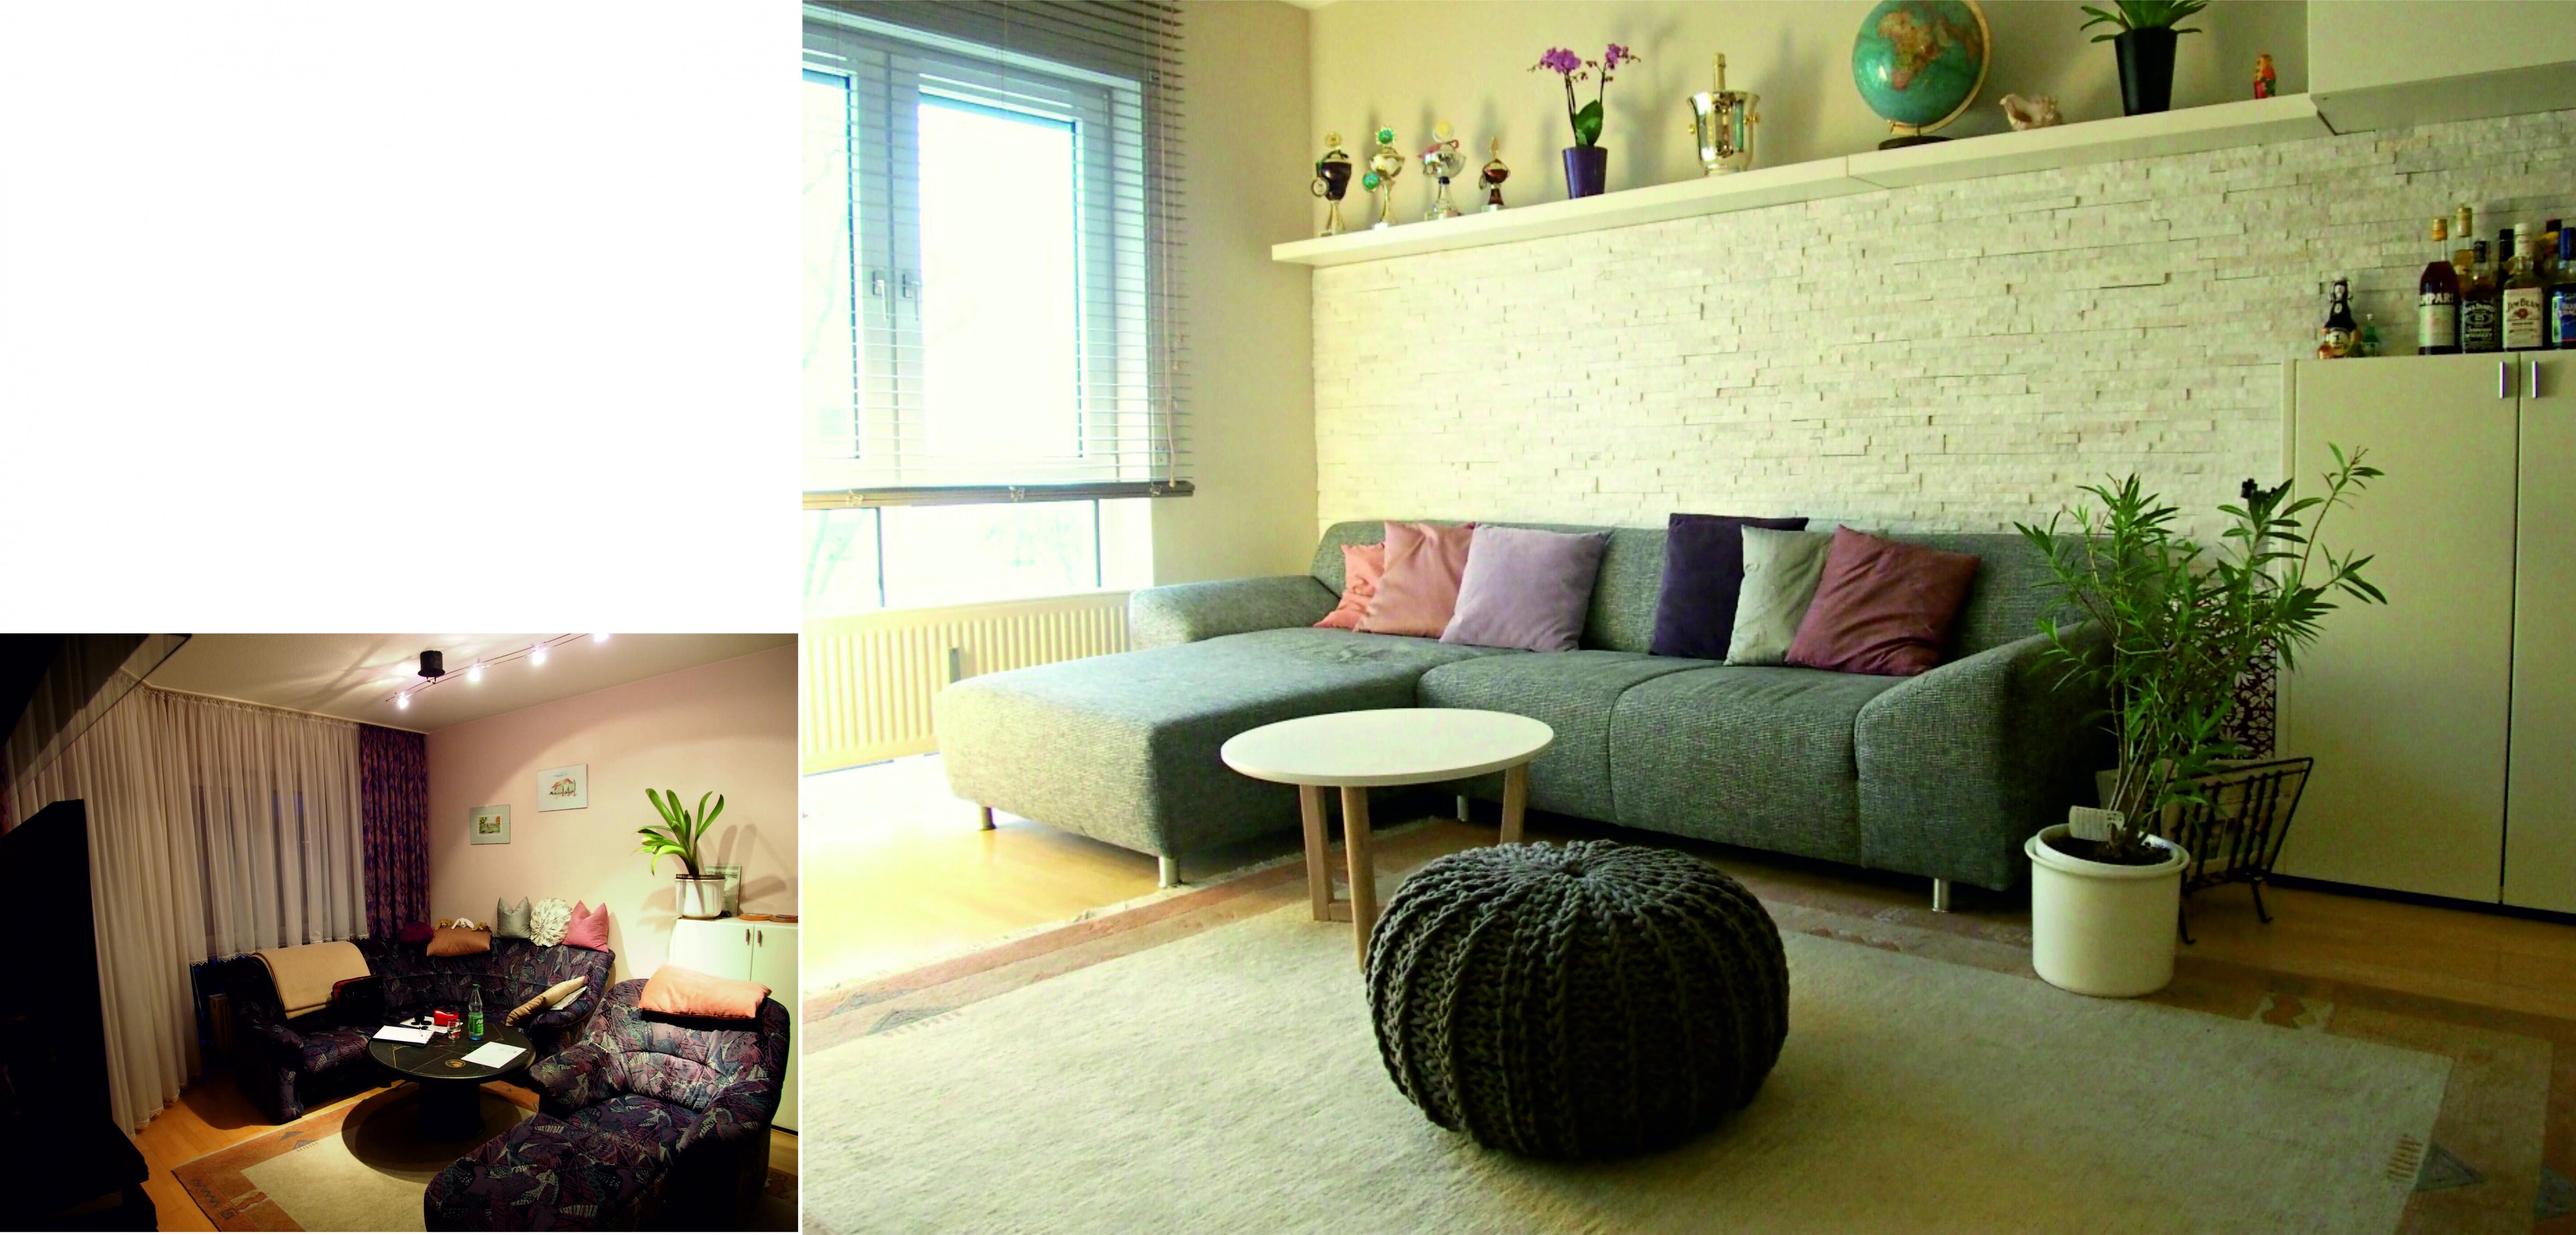 15 Wohnzimmer Einrichtungsideen  Beste Ideen 2019  Living von Kleines Wohnzimmer Ideen Photo